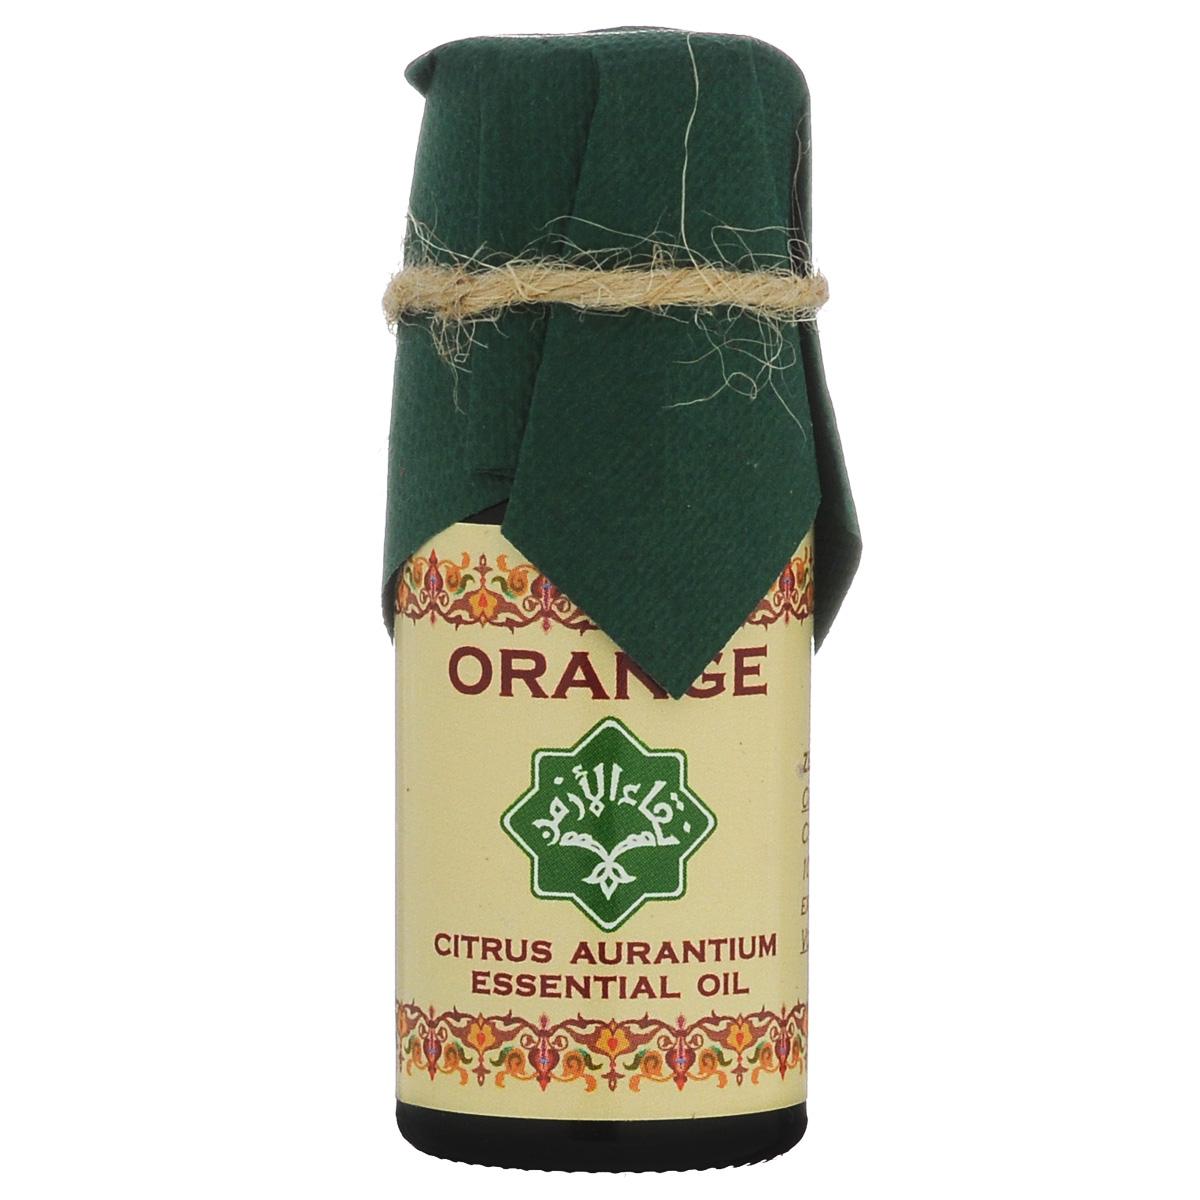 Зейтун Эфирное масло Апельсин, 10 млZ3602Абсолютно чистое, 100% натуральное эфирное масло Апельсина, произведенное в соответствии со стандартом европейской фармакопеи; по своим качествам и свойствам значительно превосходит дешевые аналоги. Применение в ароматерапии: Эфирное масло апельсина подходит Вам, если вы хотите поднять себе настроение, отвлечься от мелких жизненных проблем и неурядиц, создать себе настроение праздника, повысить тонус нервной системы и чувствительных рецепторов, получить заряд бодрости, прилив эндорфина в кровь, избавиться от бессонницы, чувства страха, стрессовых и депрессивных состояний, научиться концентрировать внимание и повысить степень усваивамости материала, а также оно оказывает заметное влияние на биоэнергетику. Эфирное масло апельсина психологически оказывает стимулирующее, согревающее, релаксирующее, балансирующее, повышающее чувствительность воздействие и показано при нервозности, печали, тревоге, неспособности сохранять самообладание, а также при потребности в тепле. Эфирное масло...